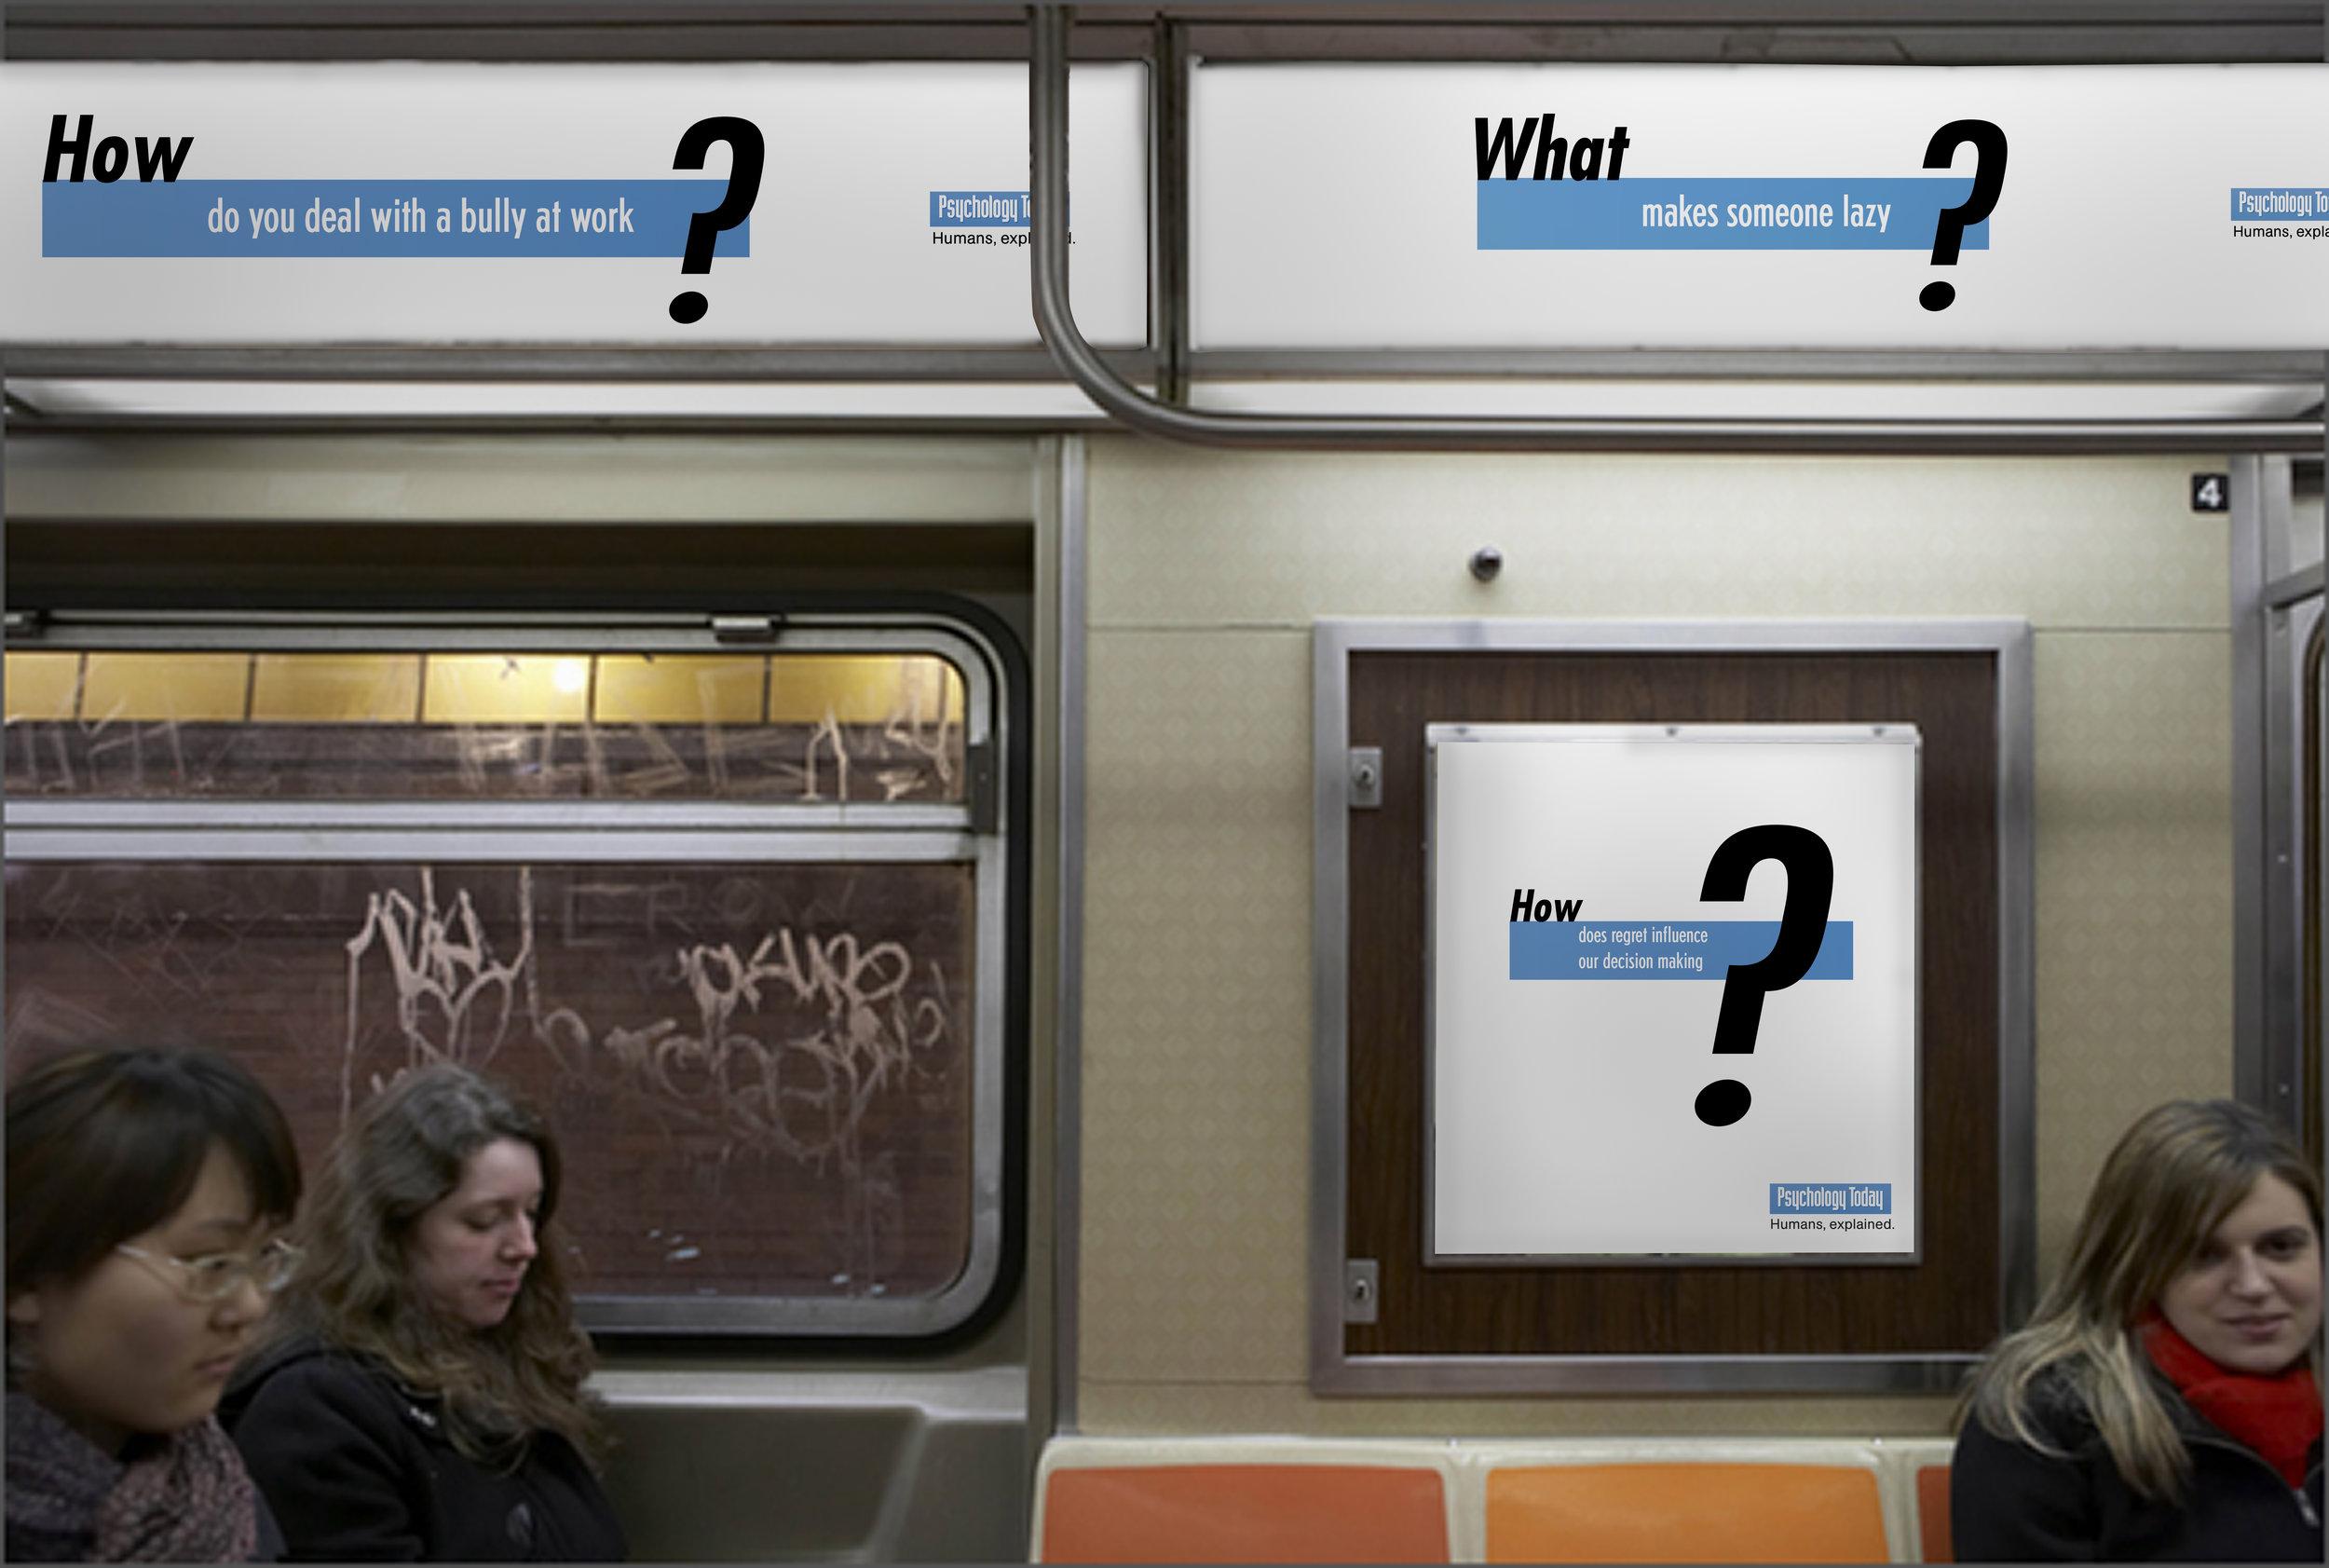 subwayinteriorpsychtoday (1).jpg